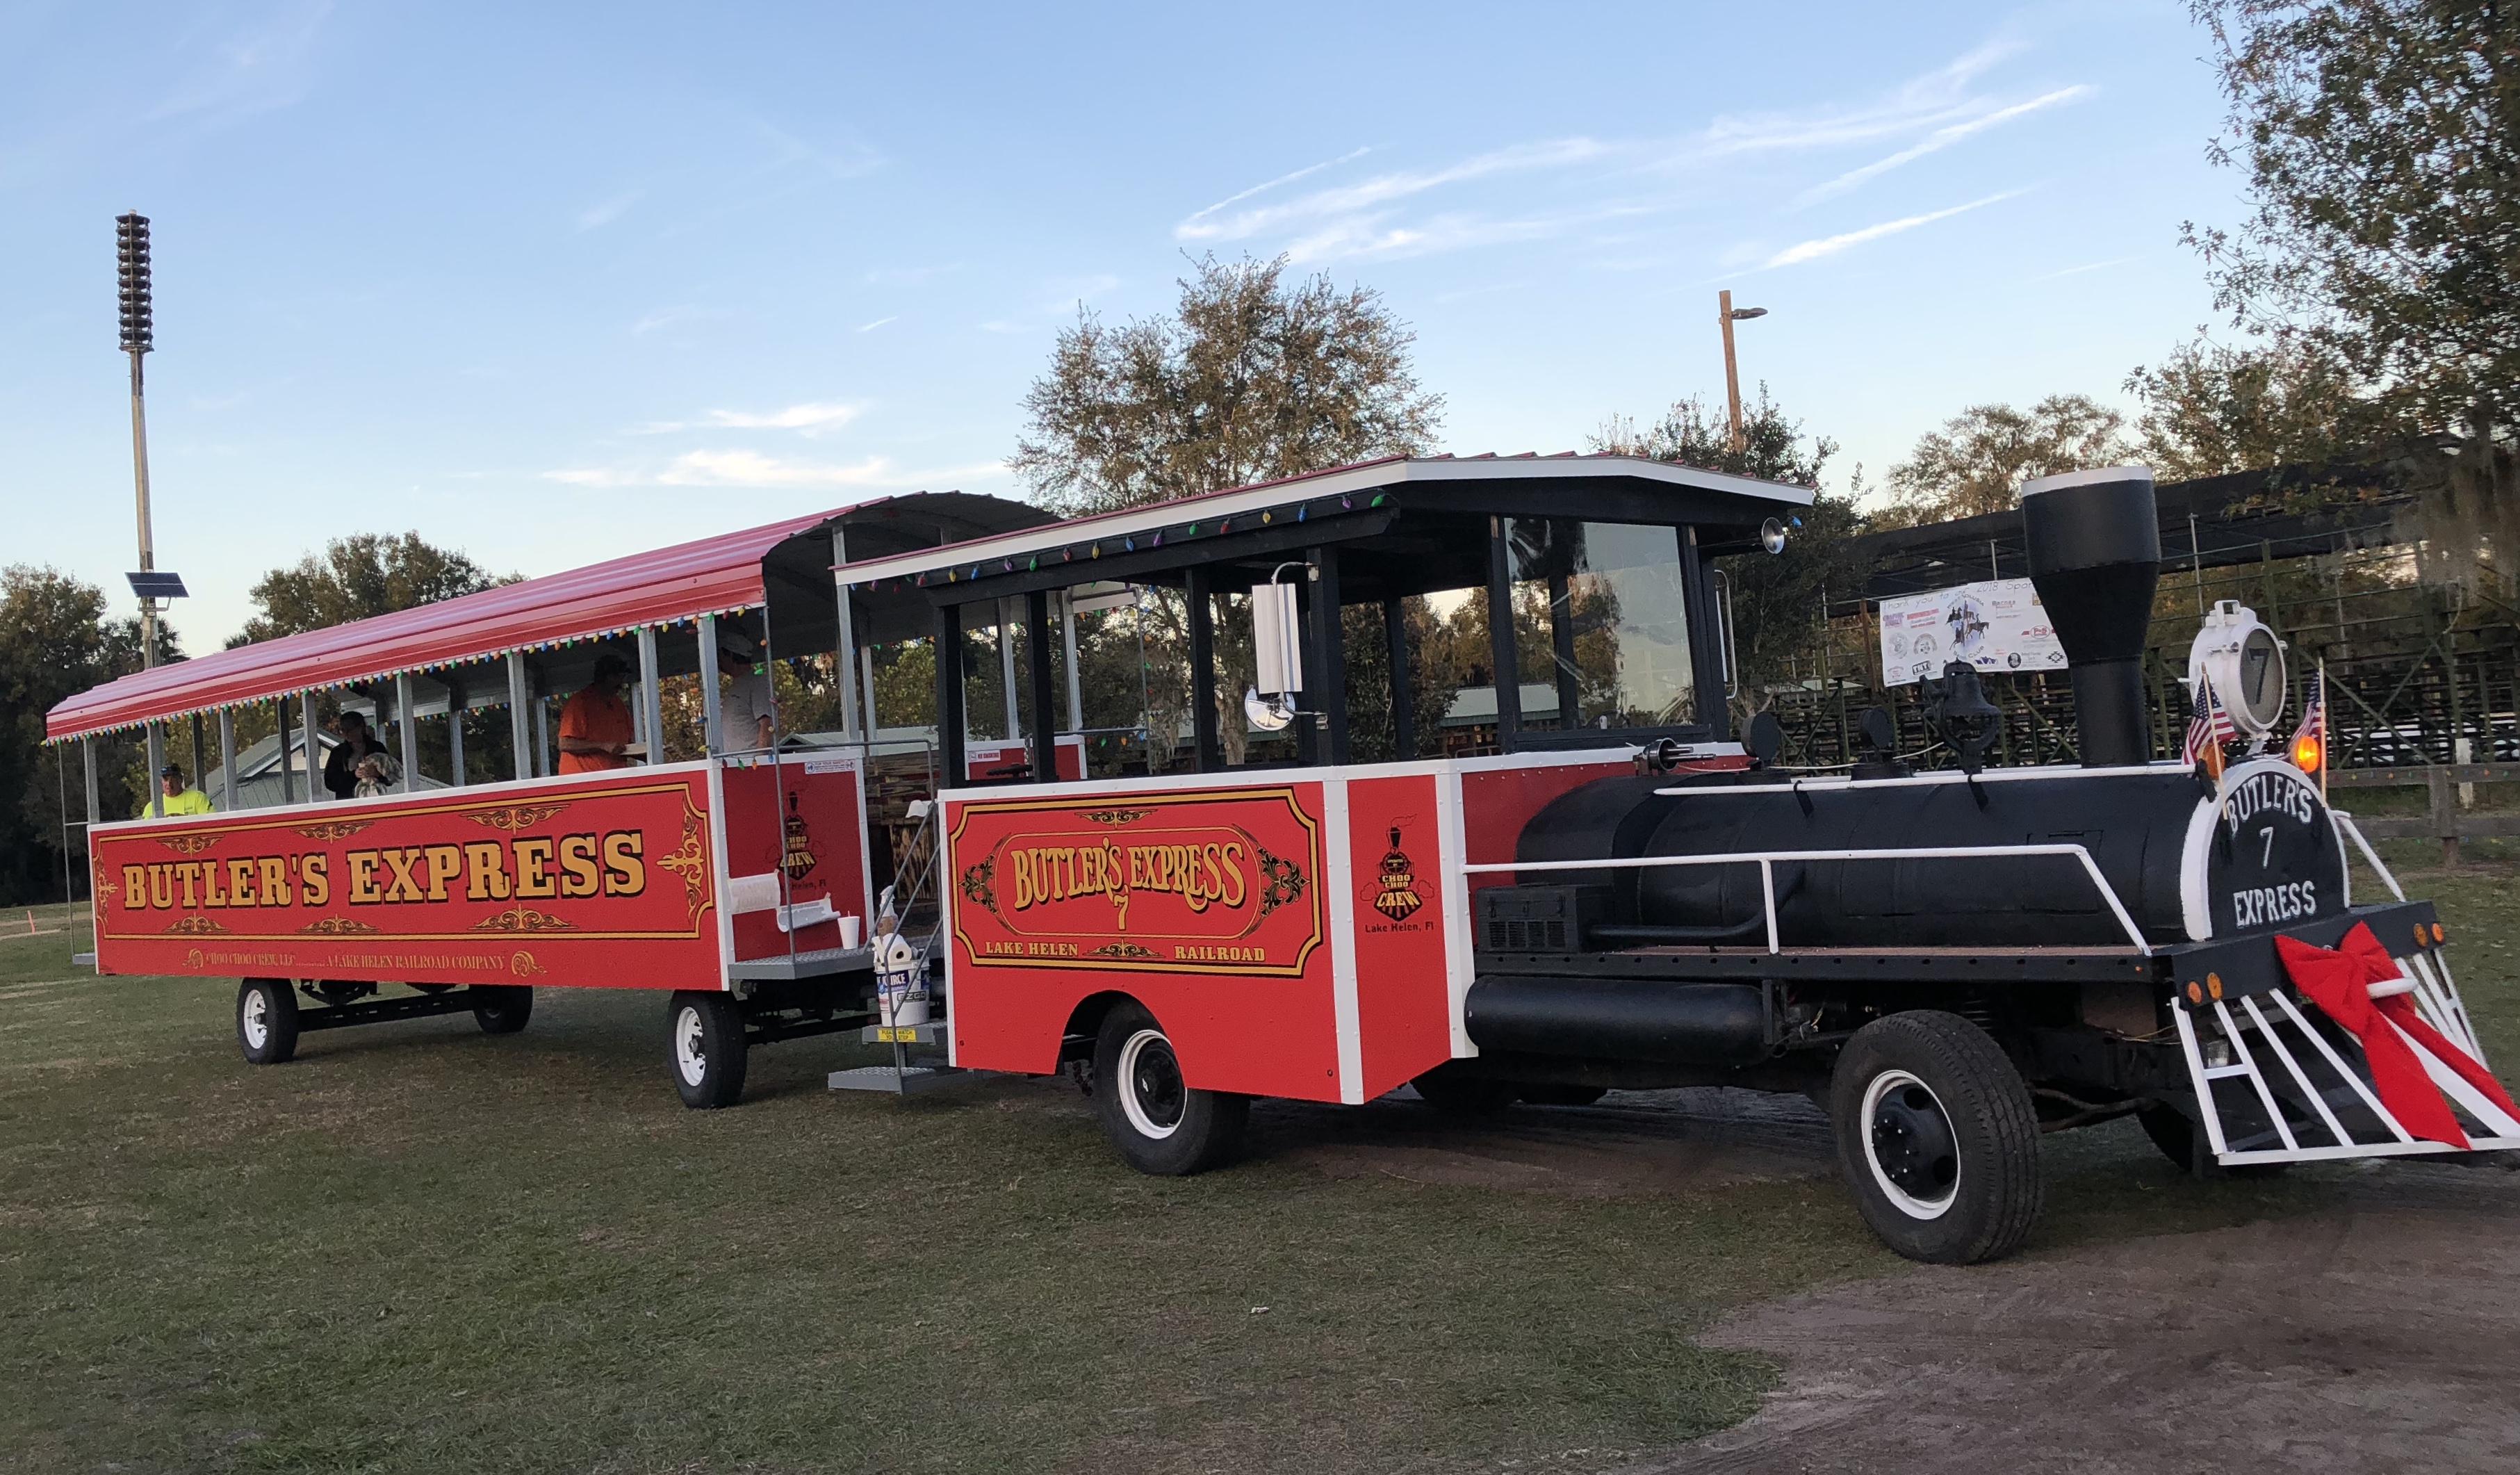 Butler Express